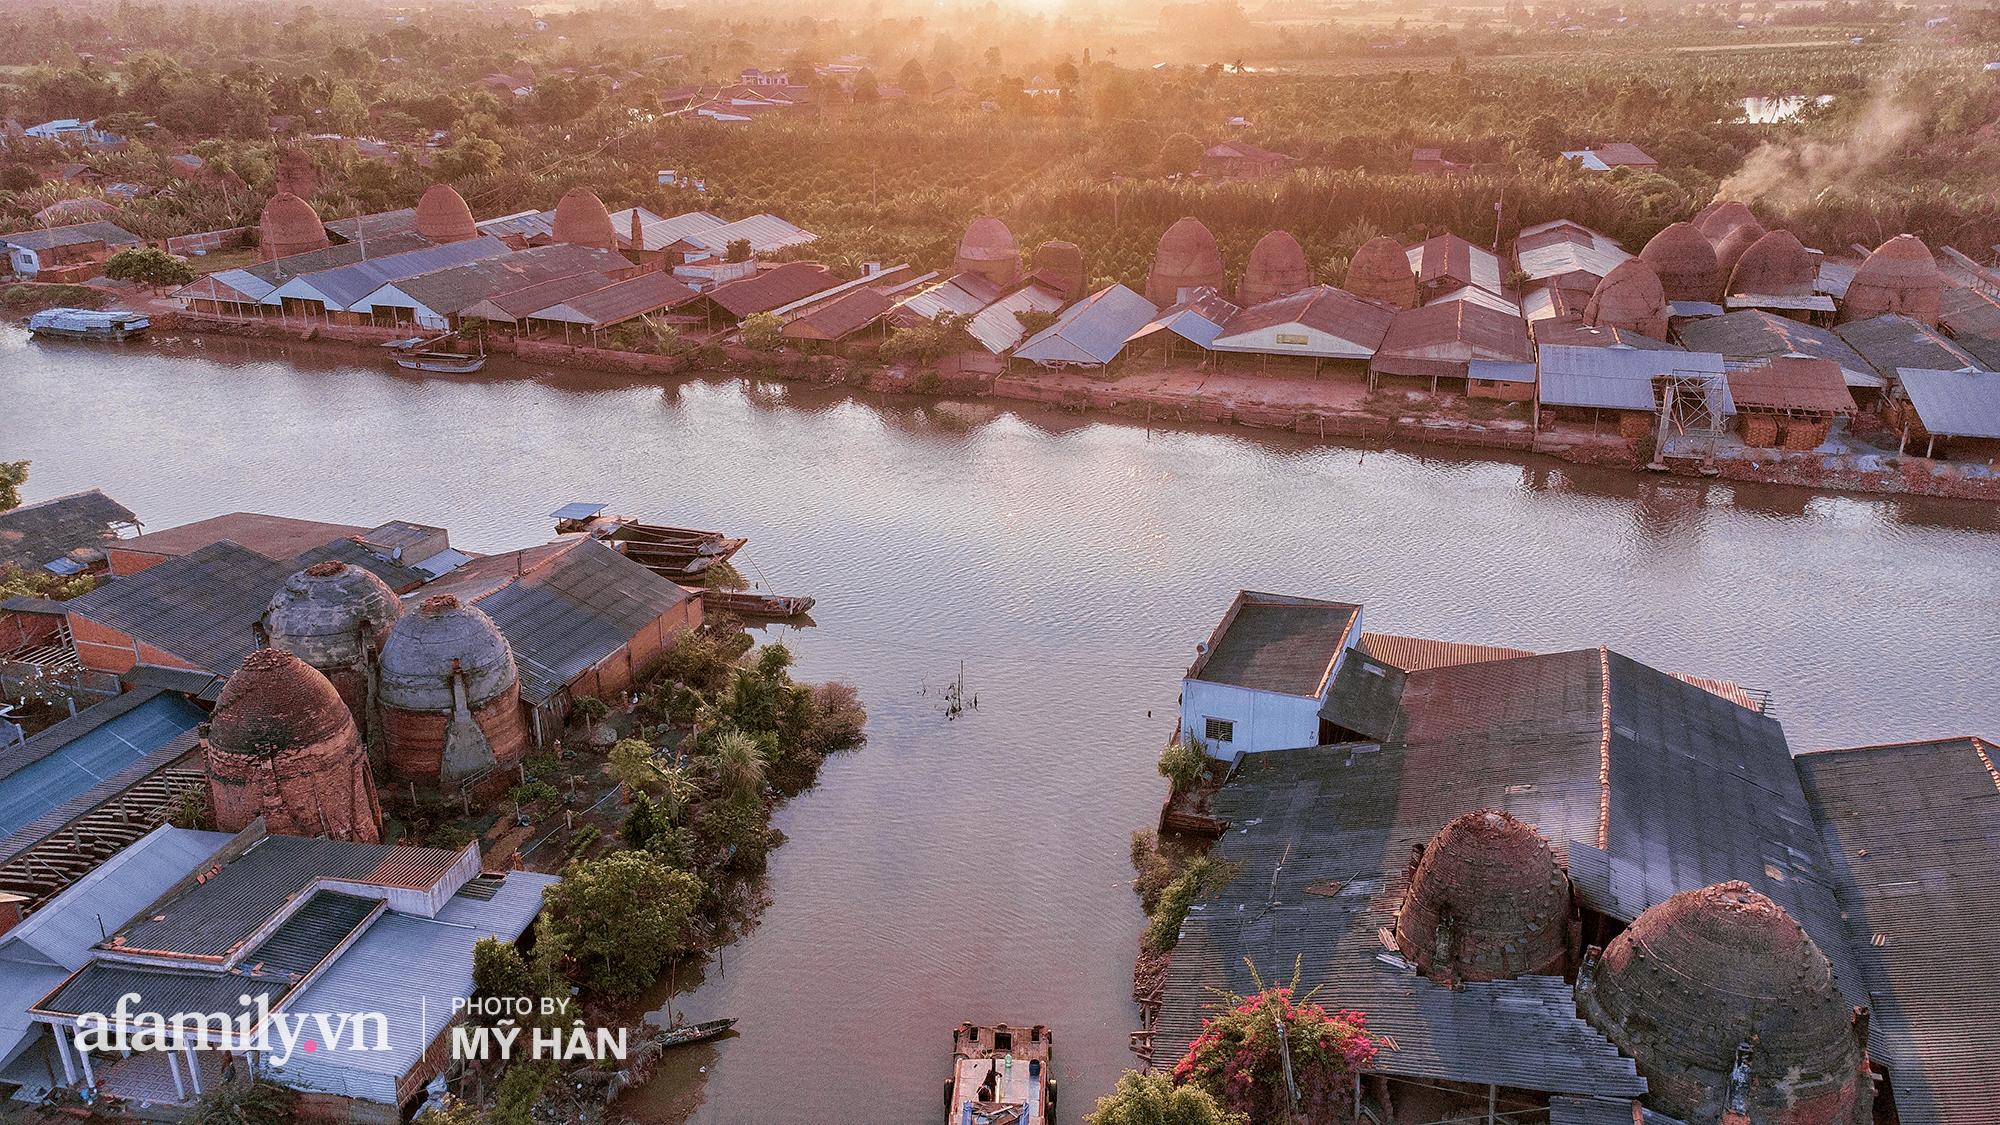 """Ngôi làng đỏ hơn 100 năm tuổi khiến người ta phải thốt lên """"NHƯ KỲ QUAN THẾ GIỚI"""" tại Miền Tây, đẹp và mê hoặc một cách khủng khiếp mà khách du lịch lại chưa tìm tới! - Ảnh 1."""